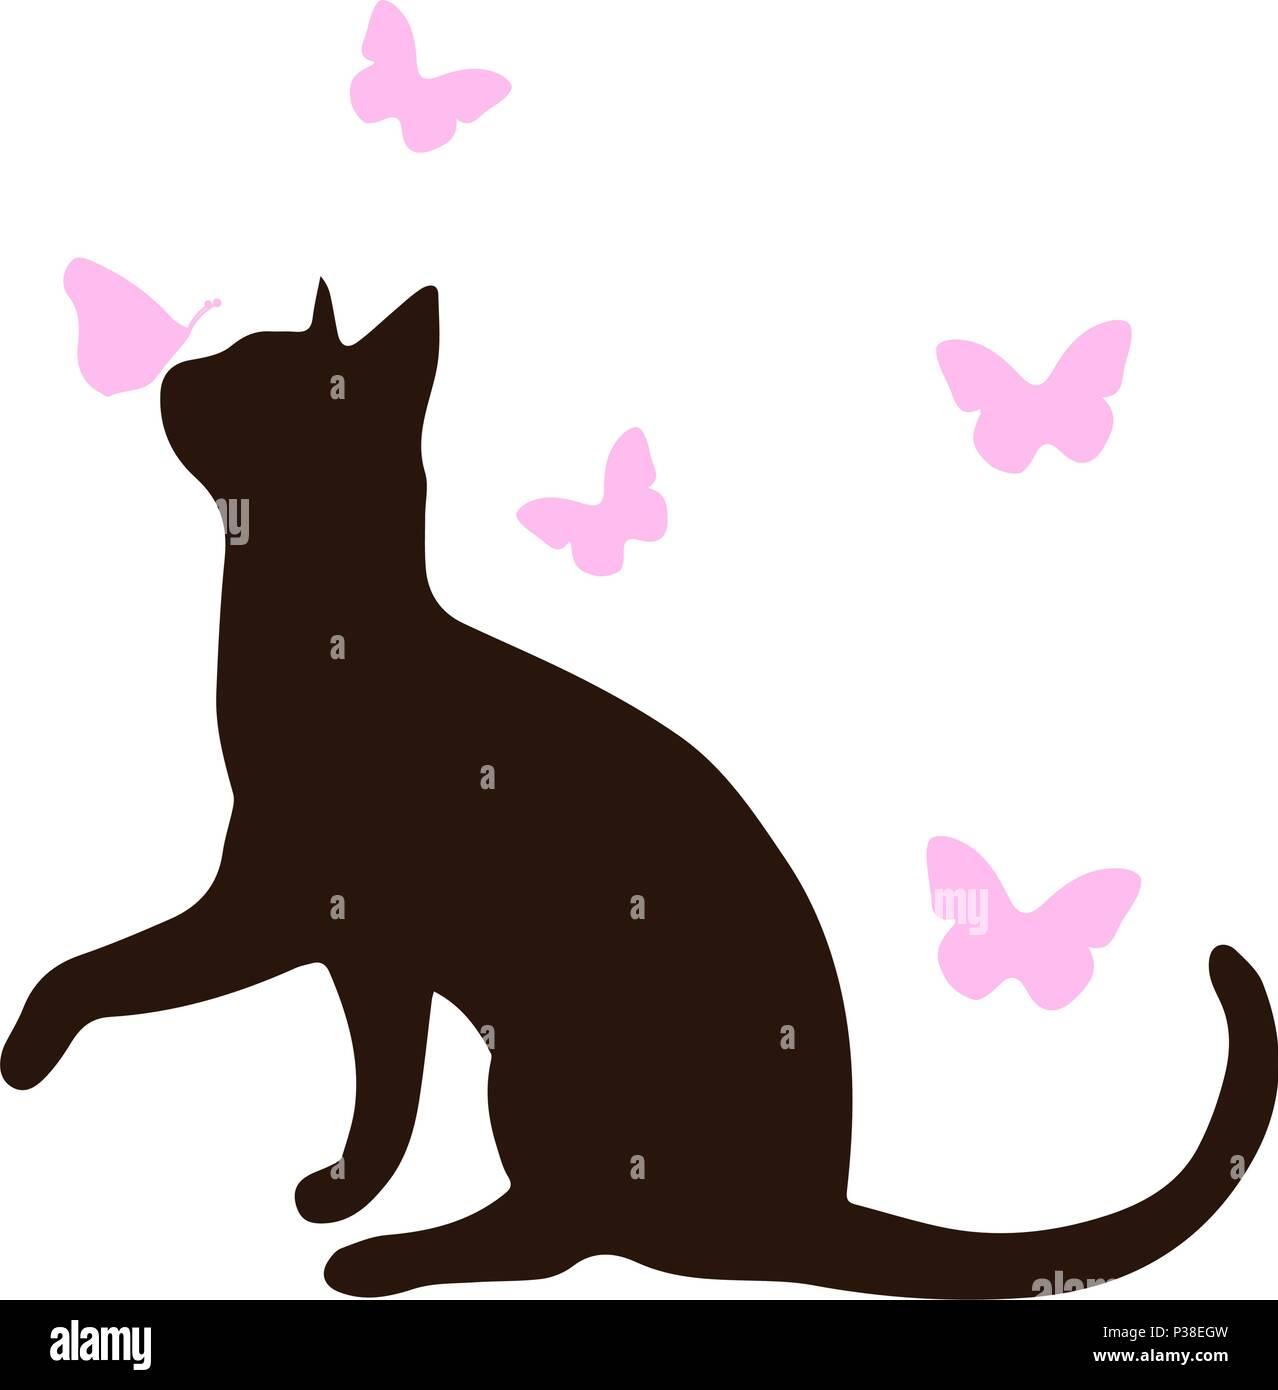 Silhouette Di Un Gatto Con Farfalle Di Rosa Illustrazione